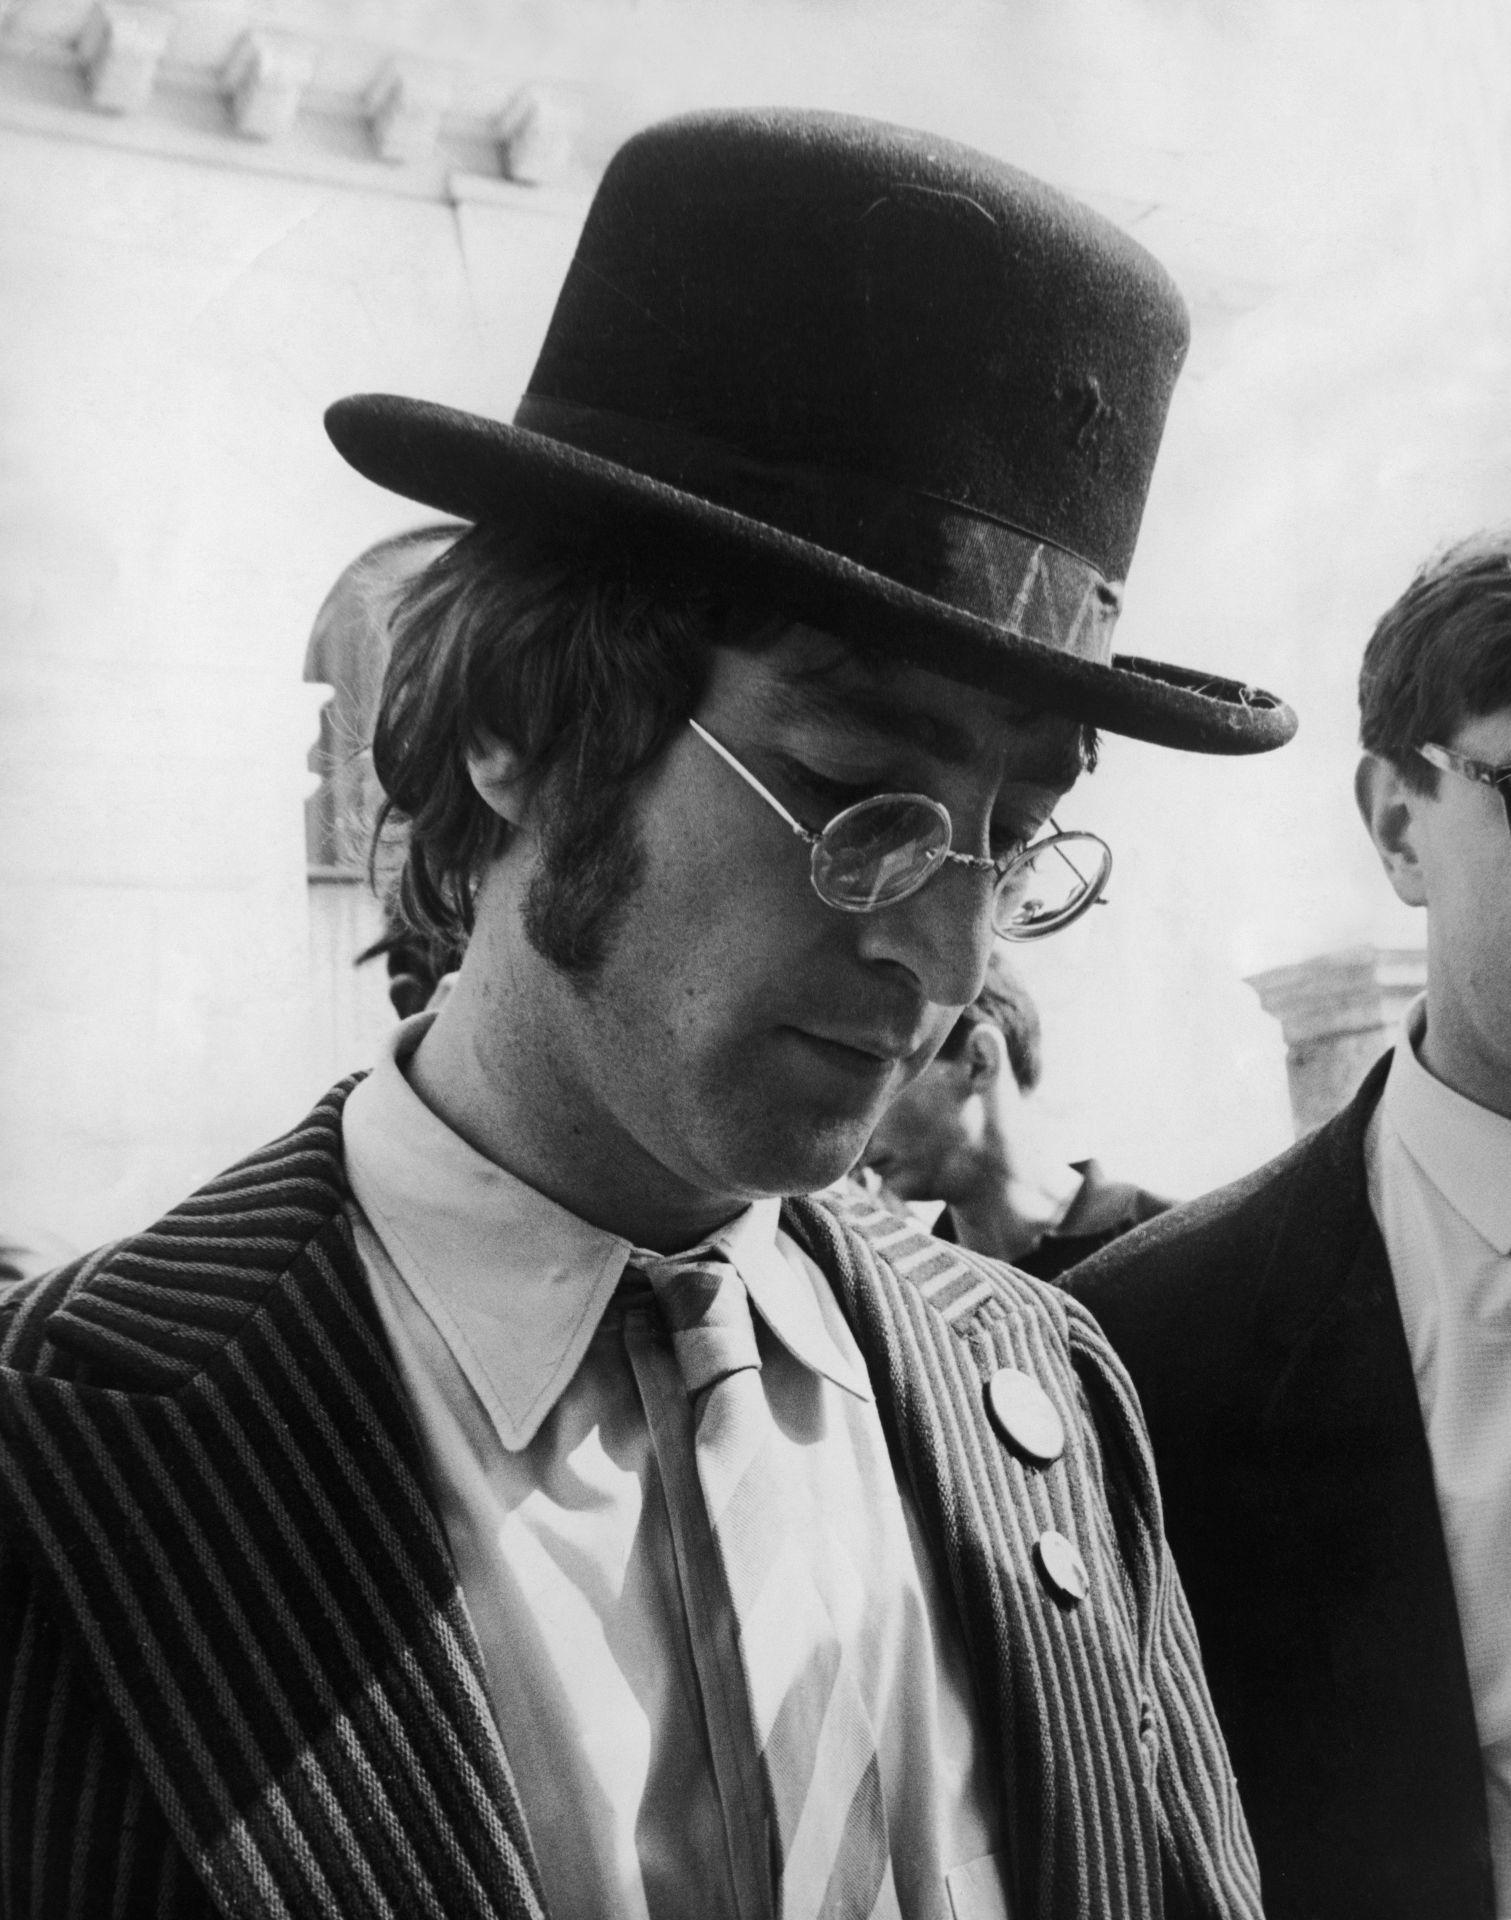 John Lennon 1967 szeptember 13.-án, autogram osztogatás közben.